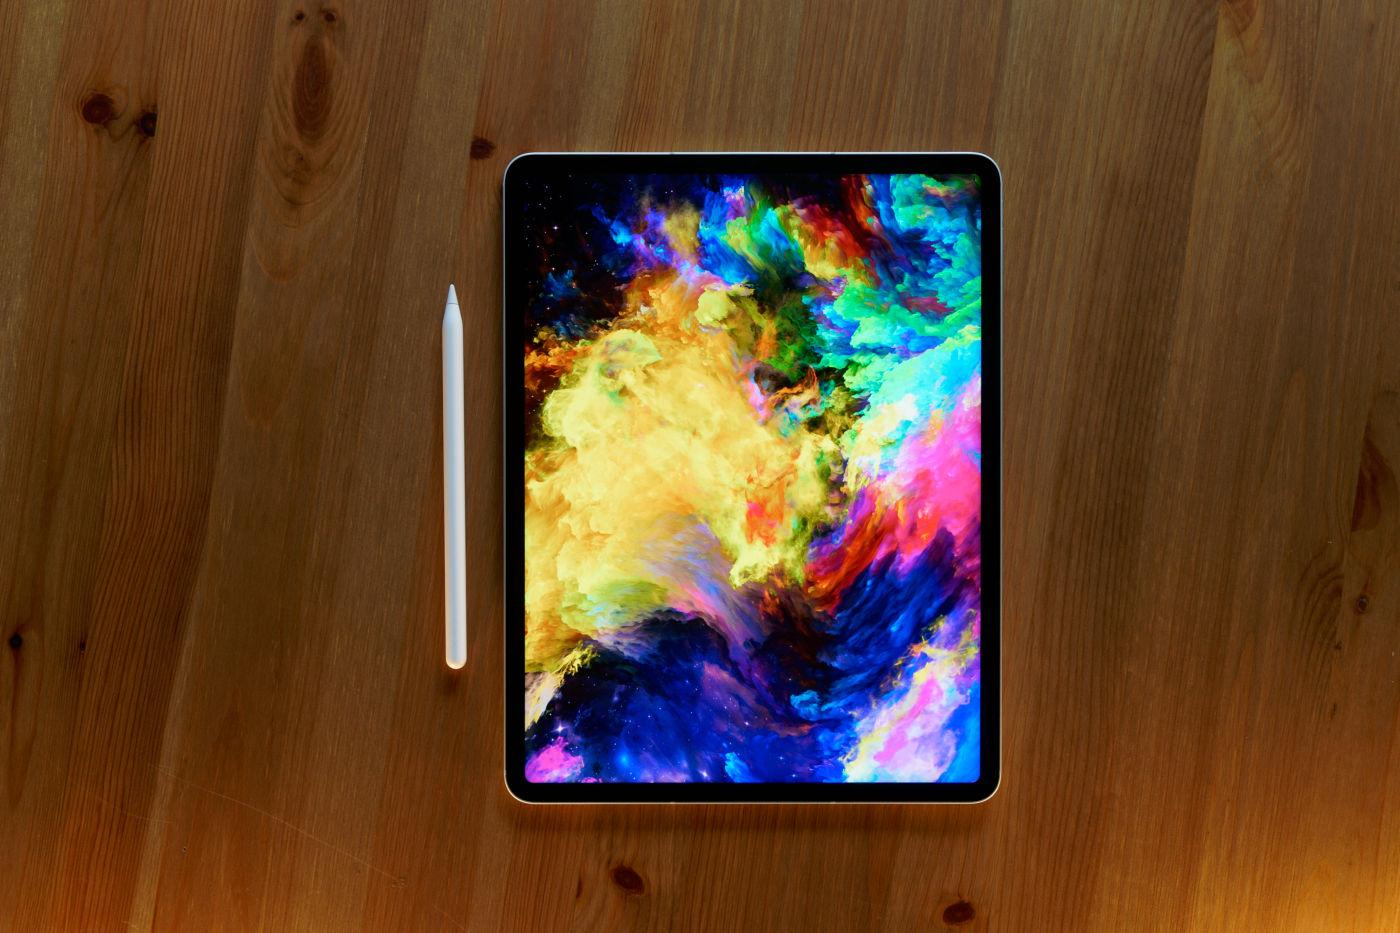 iPad Pro M1 12,9 pouces. © iPhon.fr